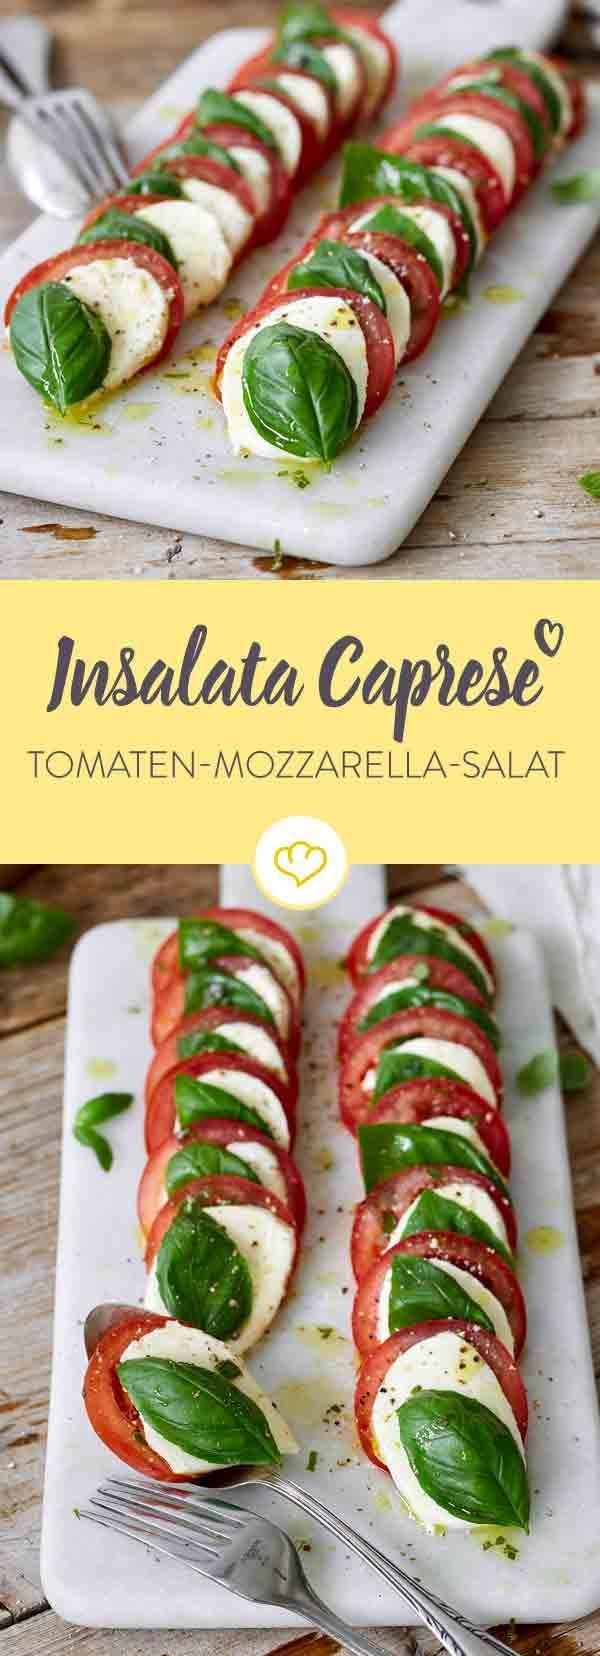 Ein Herz für italienische Klassiker: Insalata Caprese ist der einzig wahre Tomaten-Mozzarella-Salat, der hier in Grün, Weiß, Rot erstrahlt.